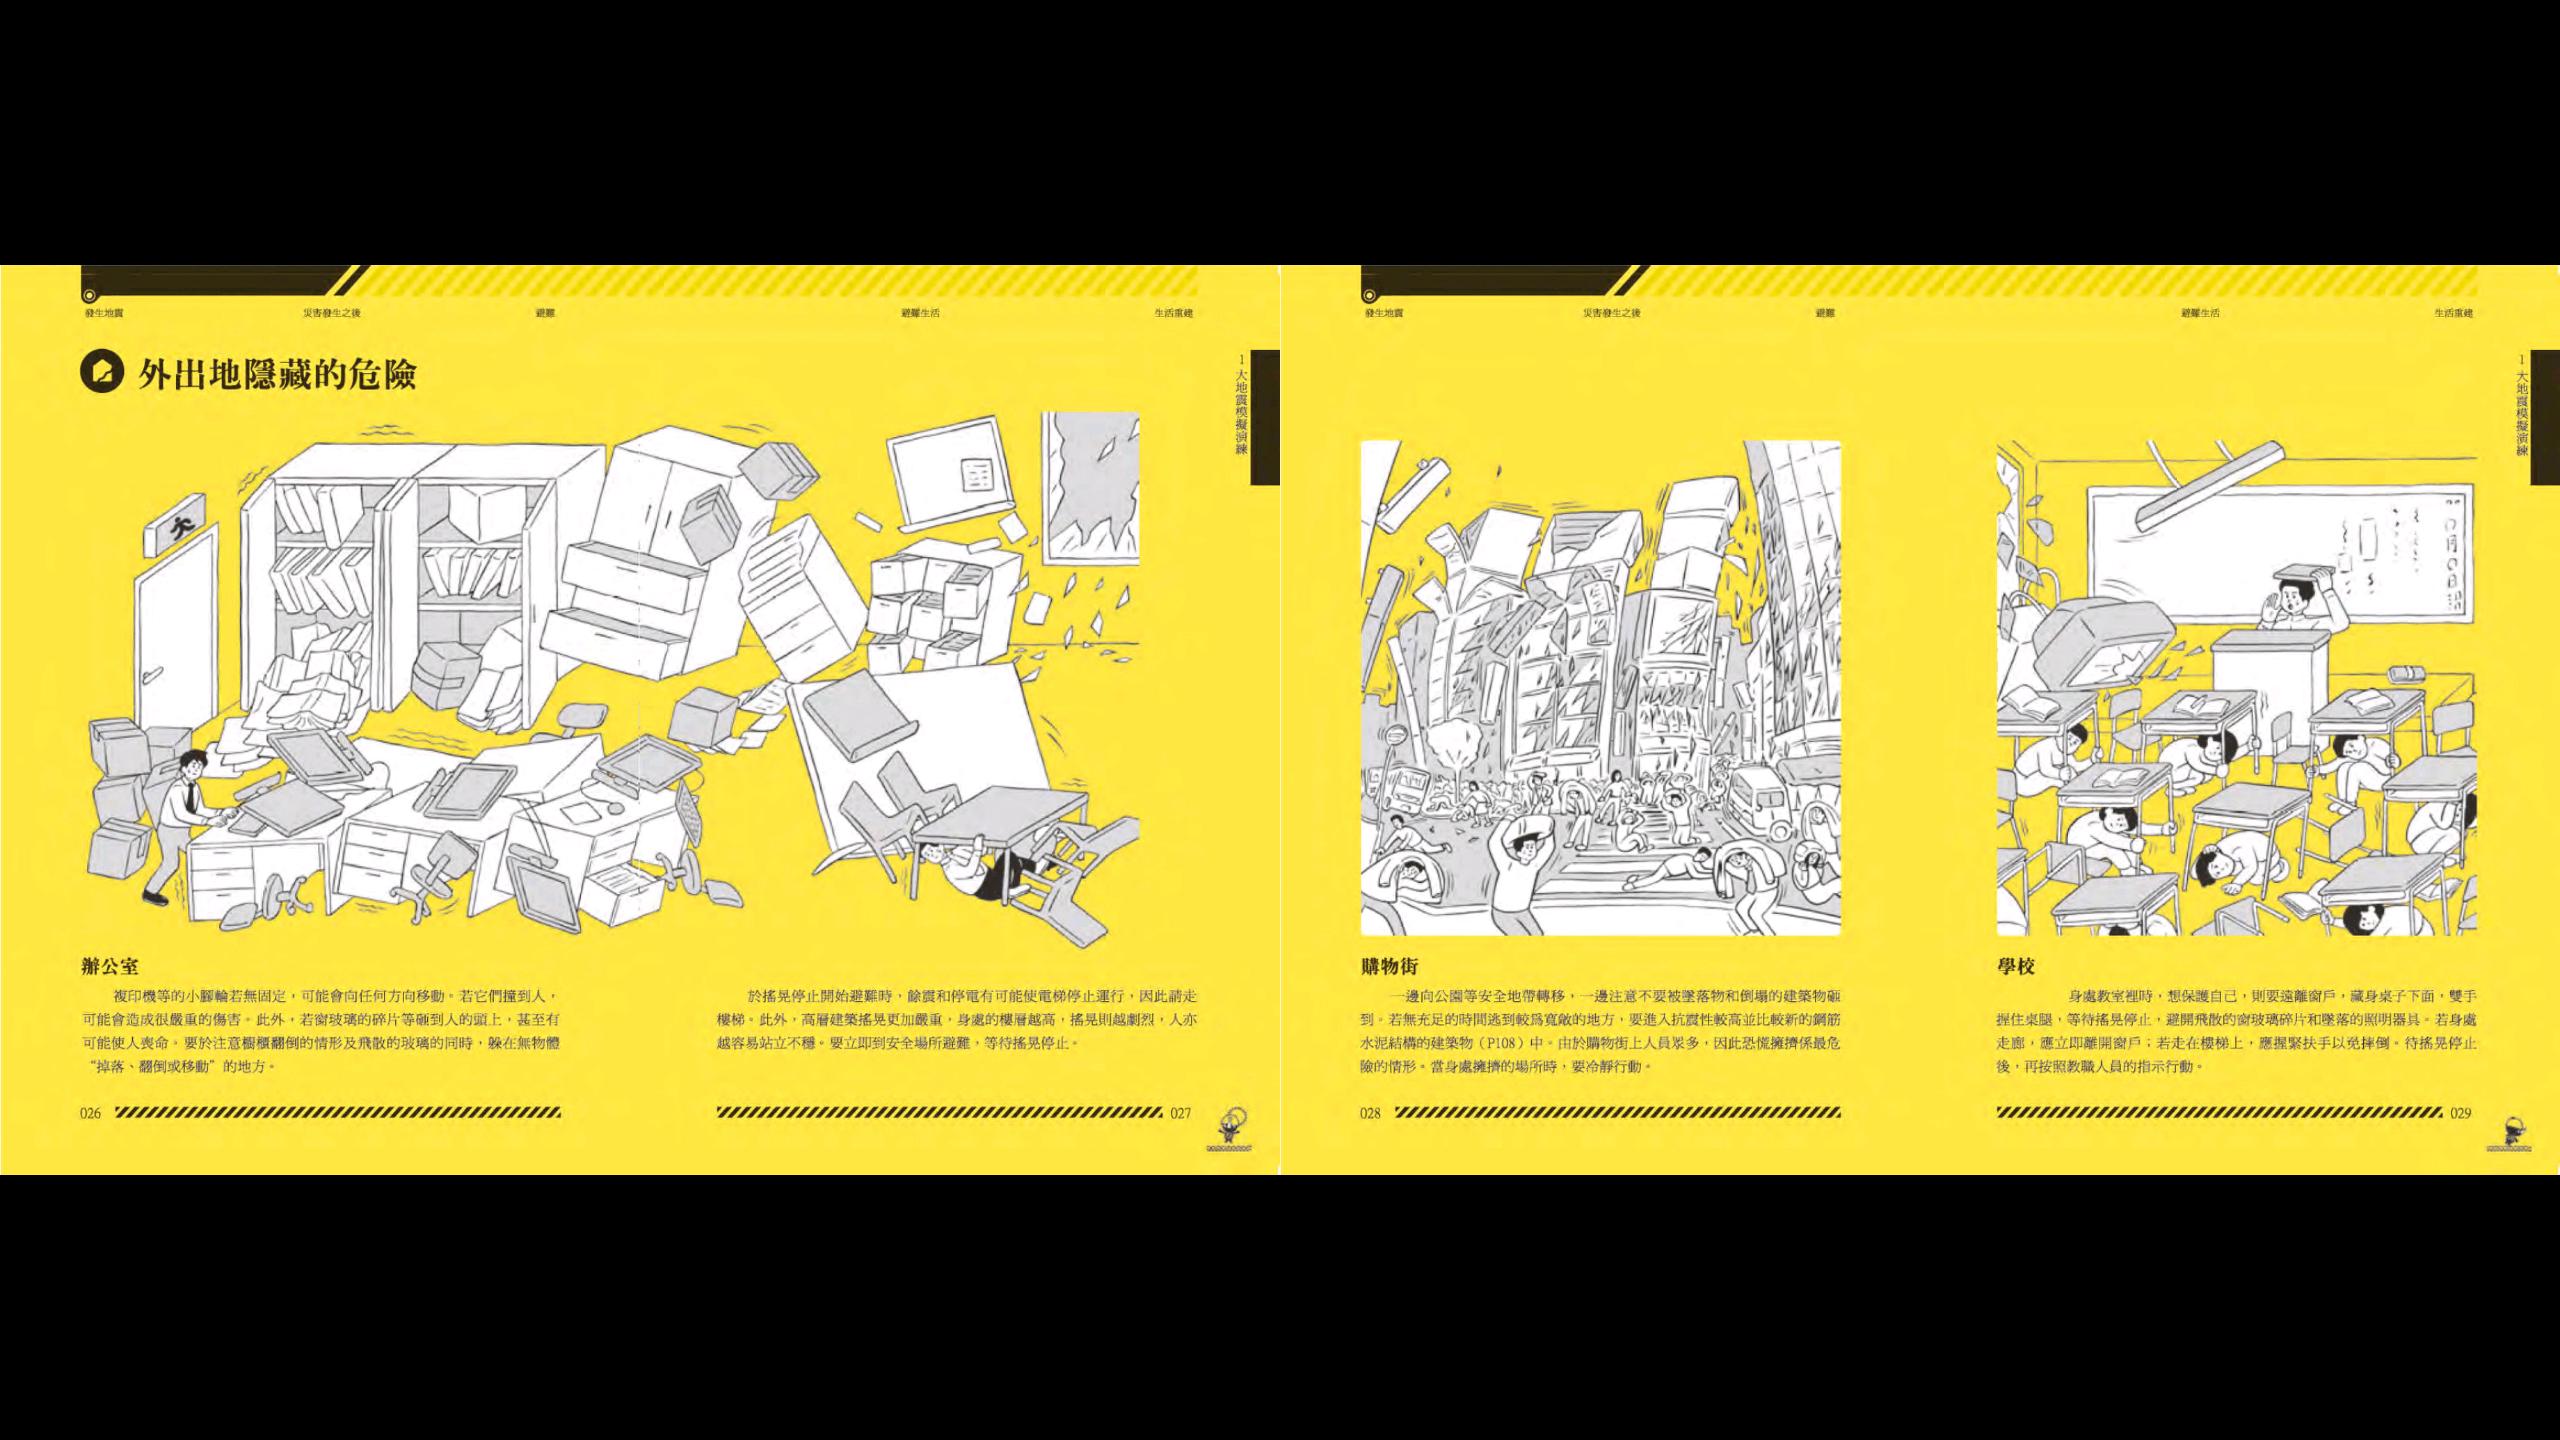 舊版在裝置上橫讀 - 四頁併成兩頁